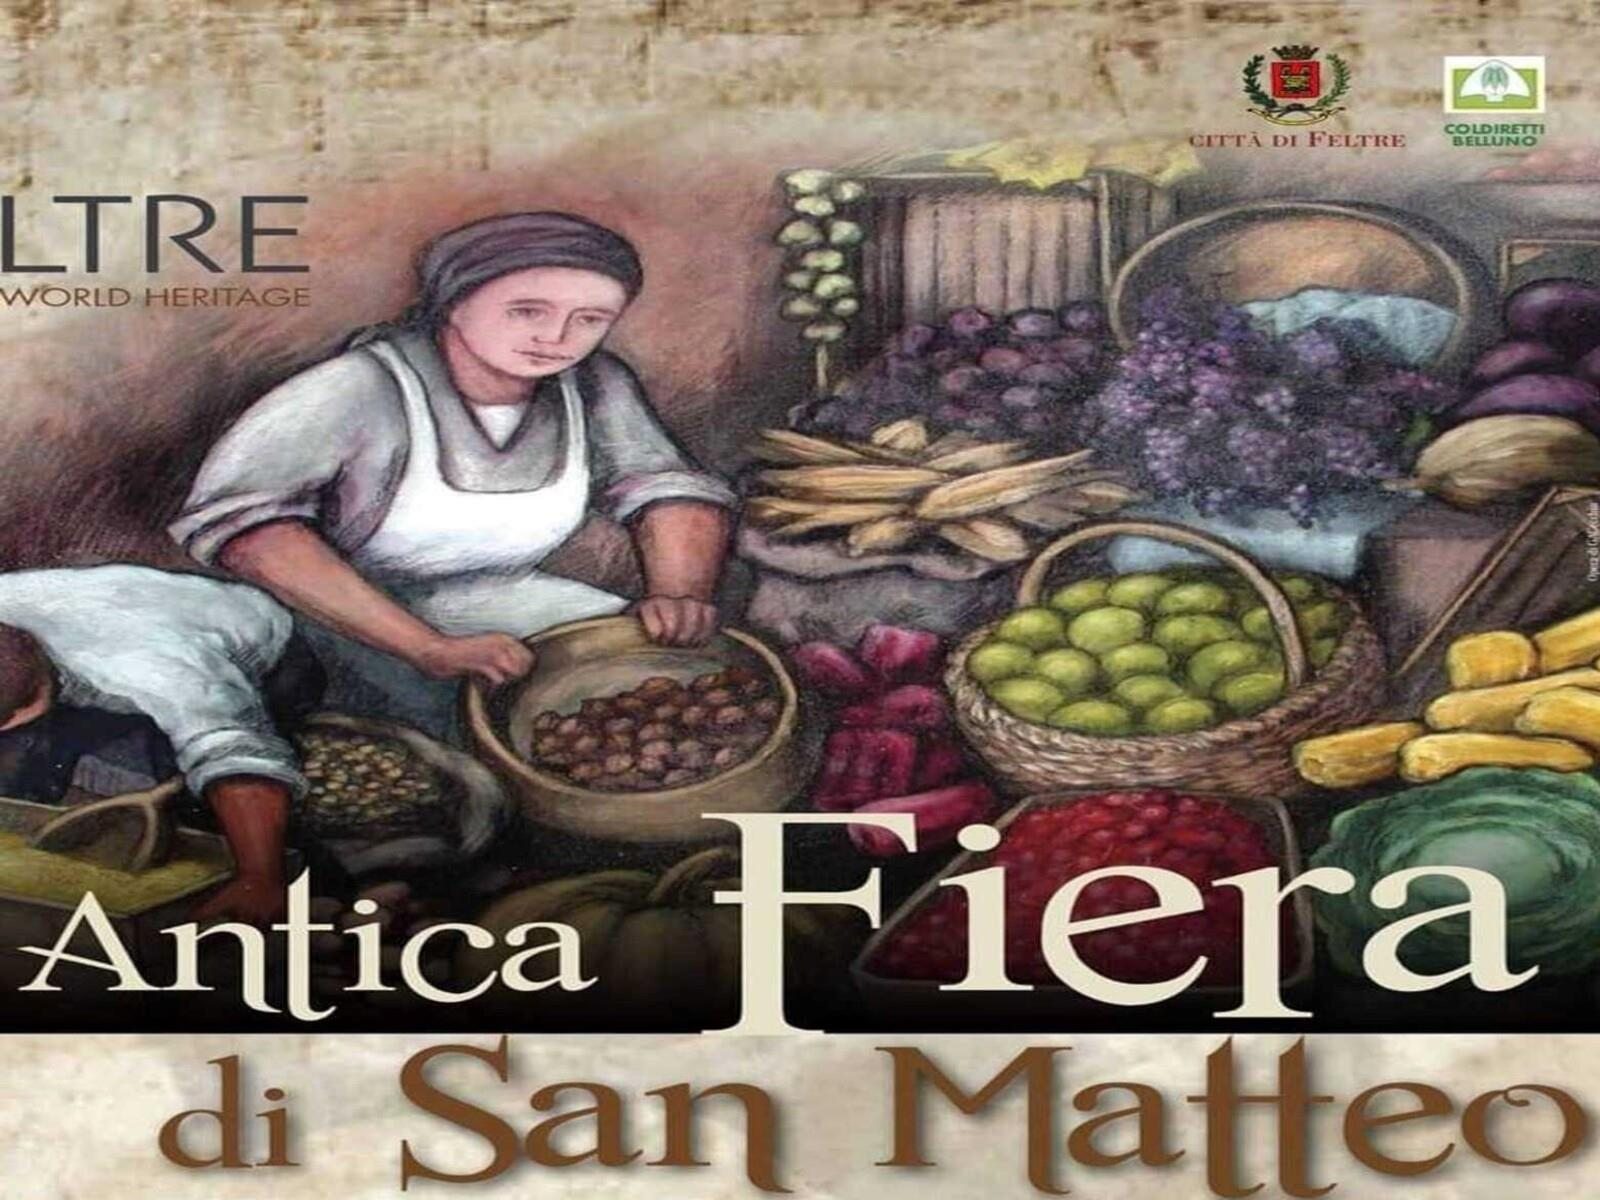 Antica Fiera di San Matteo